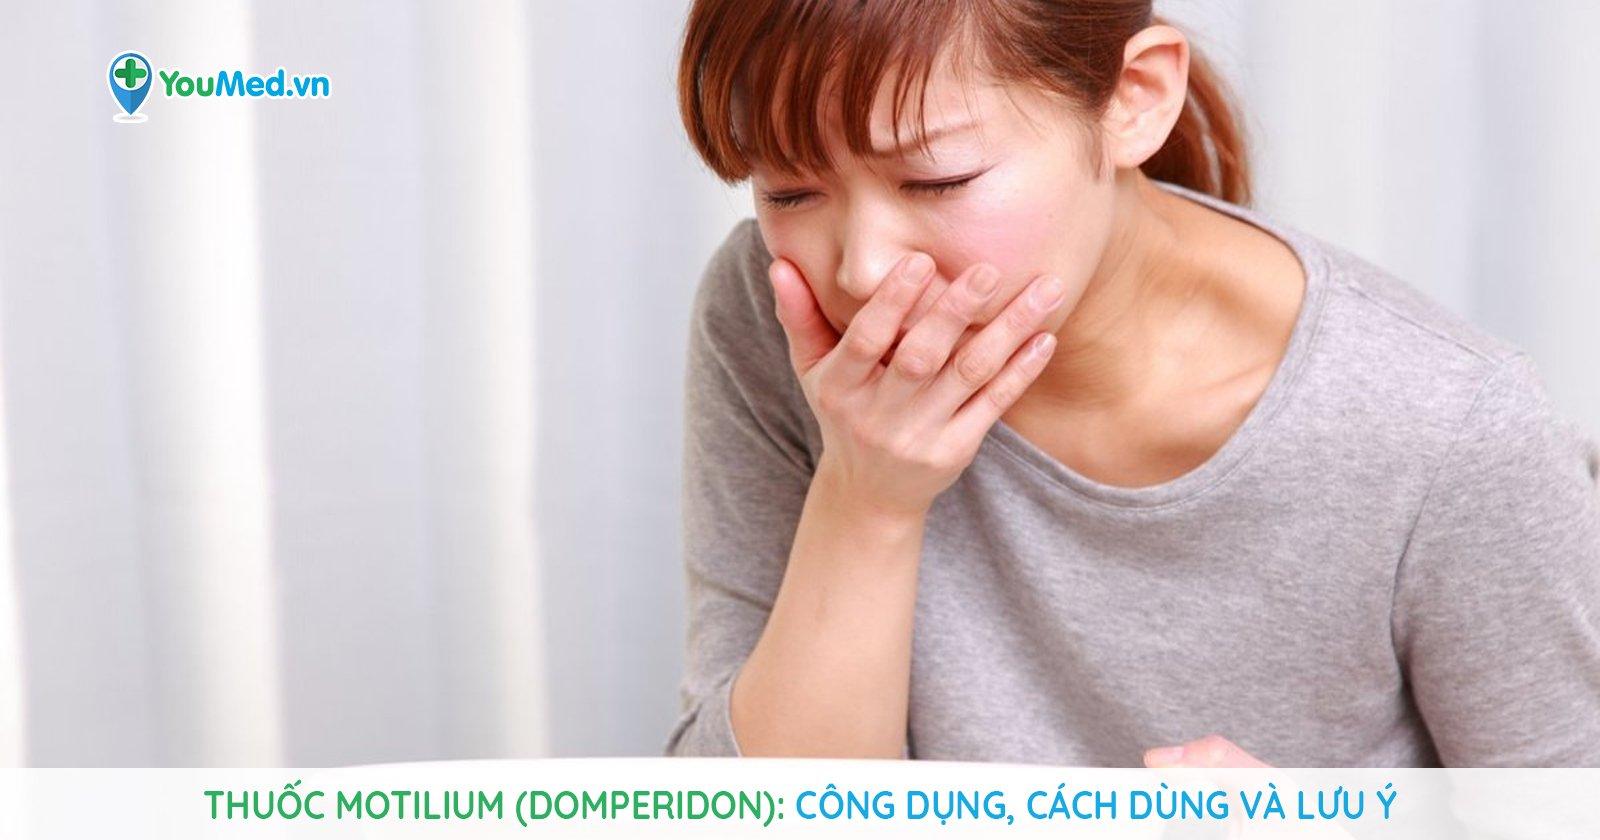 Thuốc Motilium (domperidon): Công dụng, cách dùng và những điều cần lưu ý